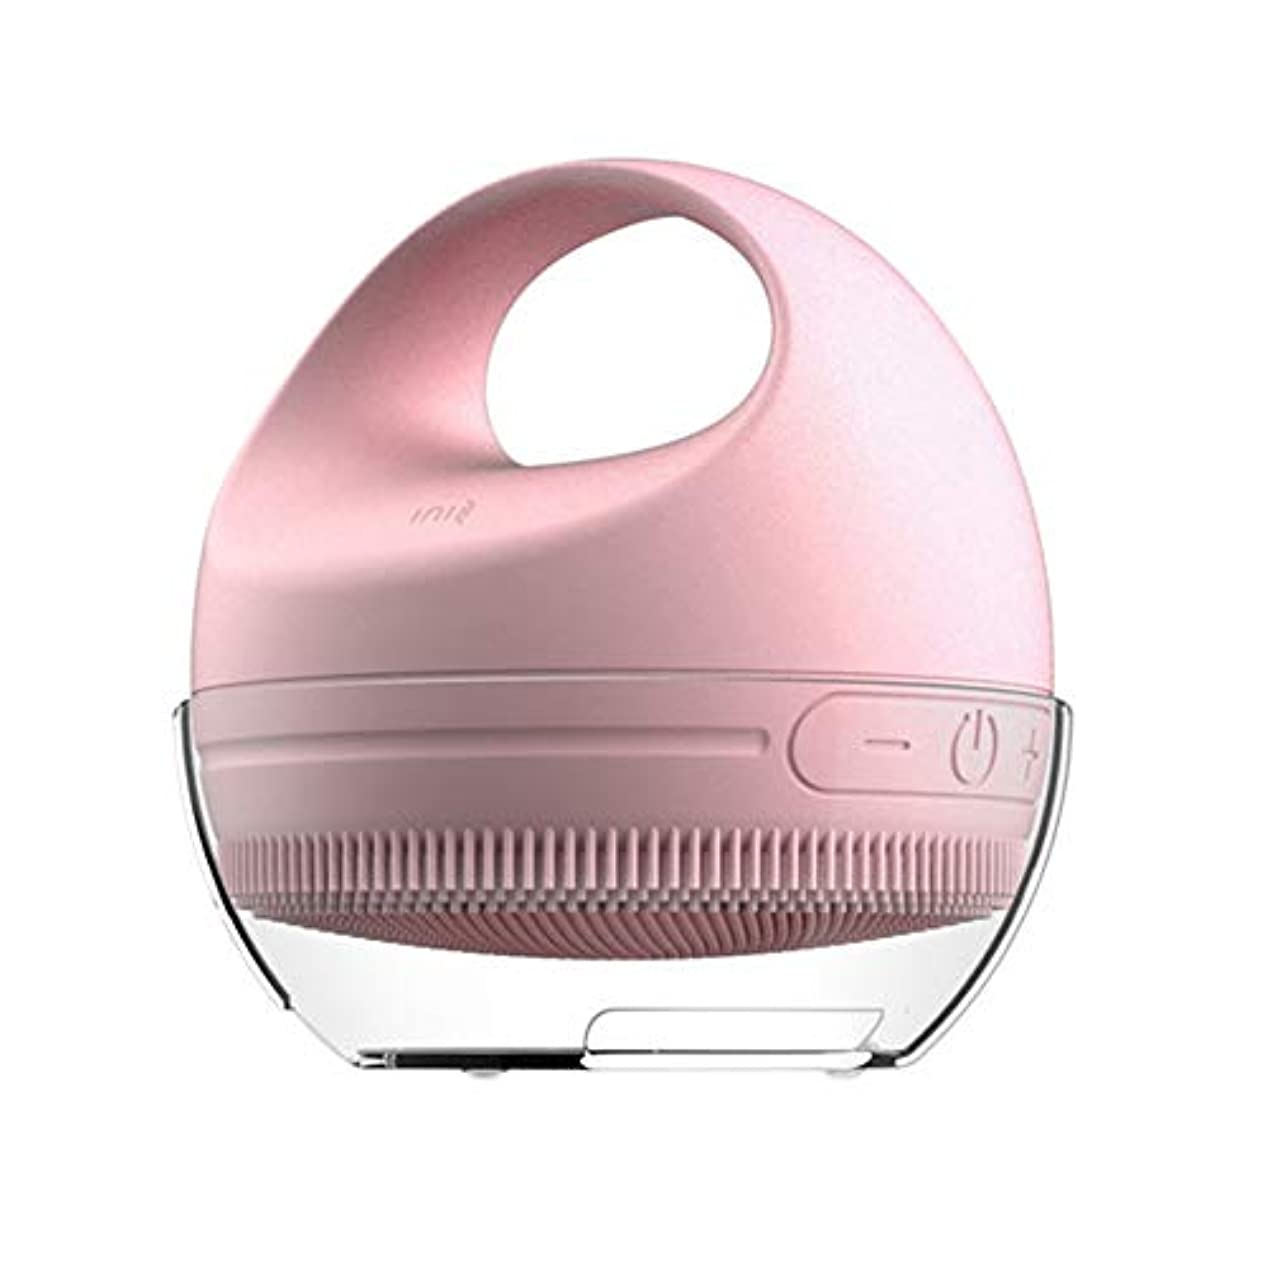 世界に死んだ取得するギャラリー電気暖かい/振動シリコーンフェイスクレンザーとマッサージブラシをアップグレードしてください自己乾燥技術を使って、滑り止めのハンドル、インテリジェントなタイミング、防水IPX6、1200 mAhバッテリ,Pink